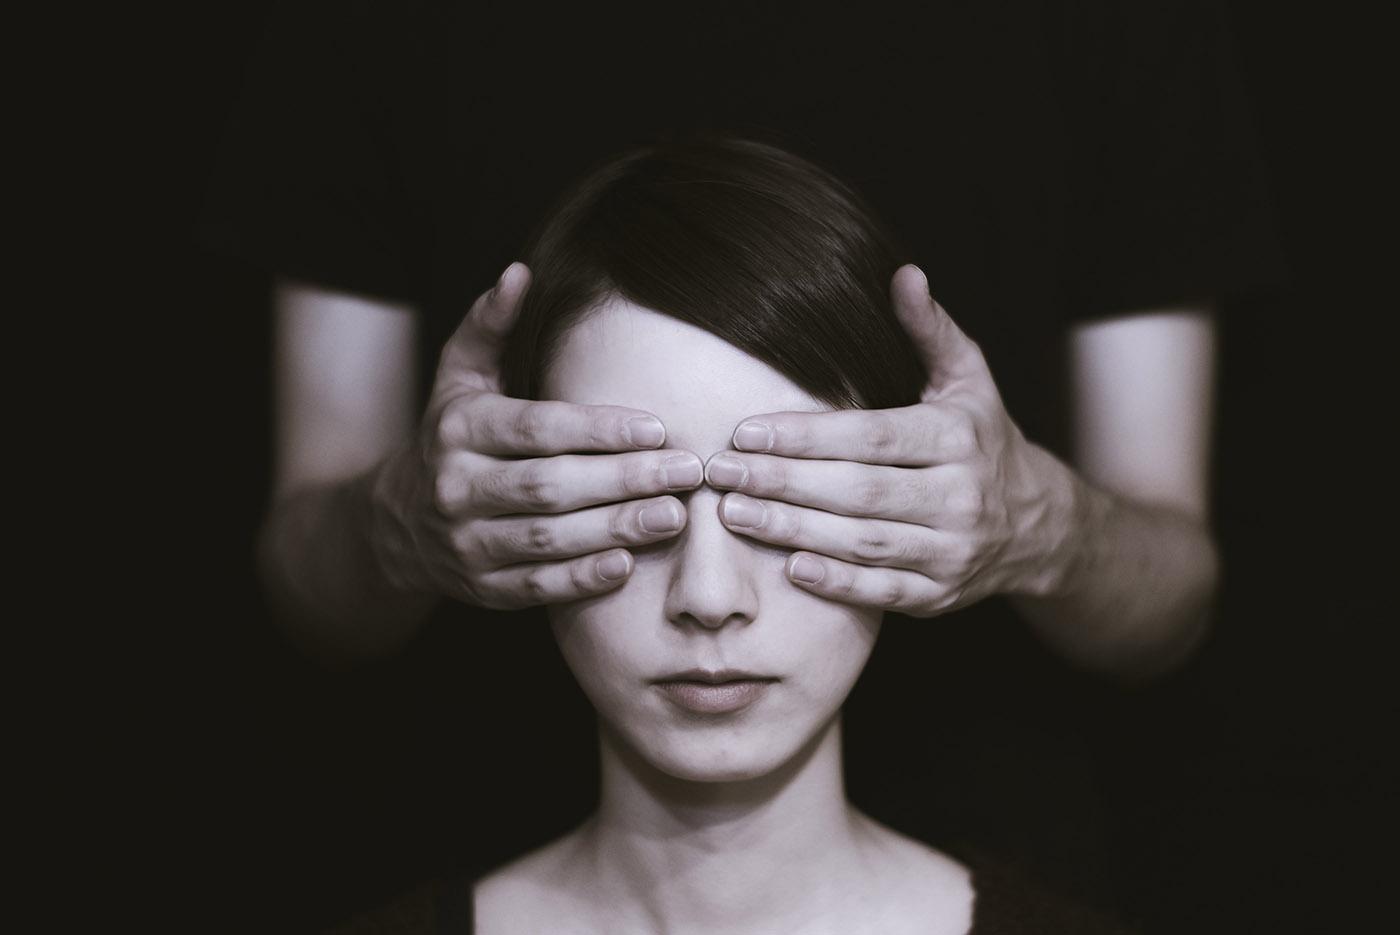 rossz látás teszt